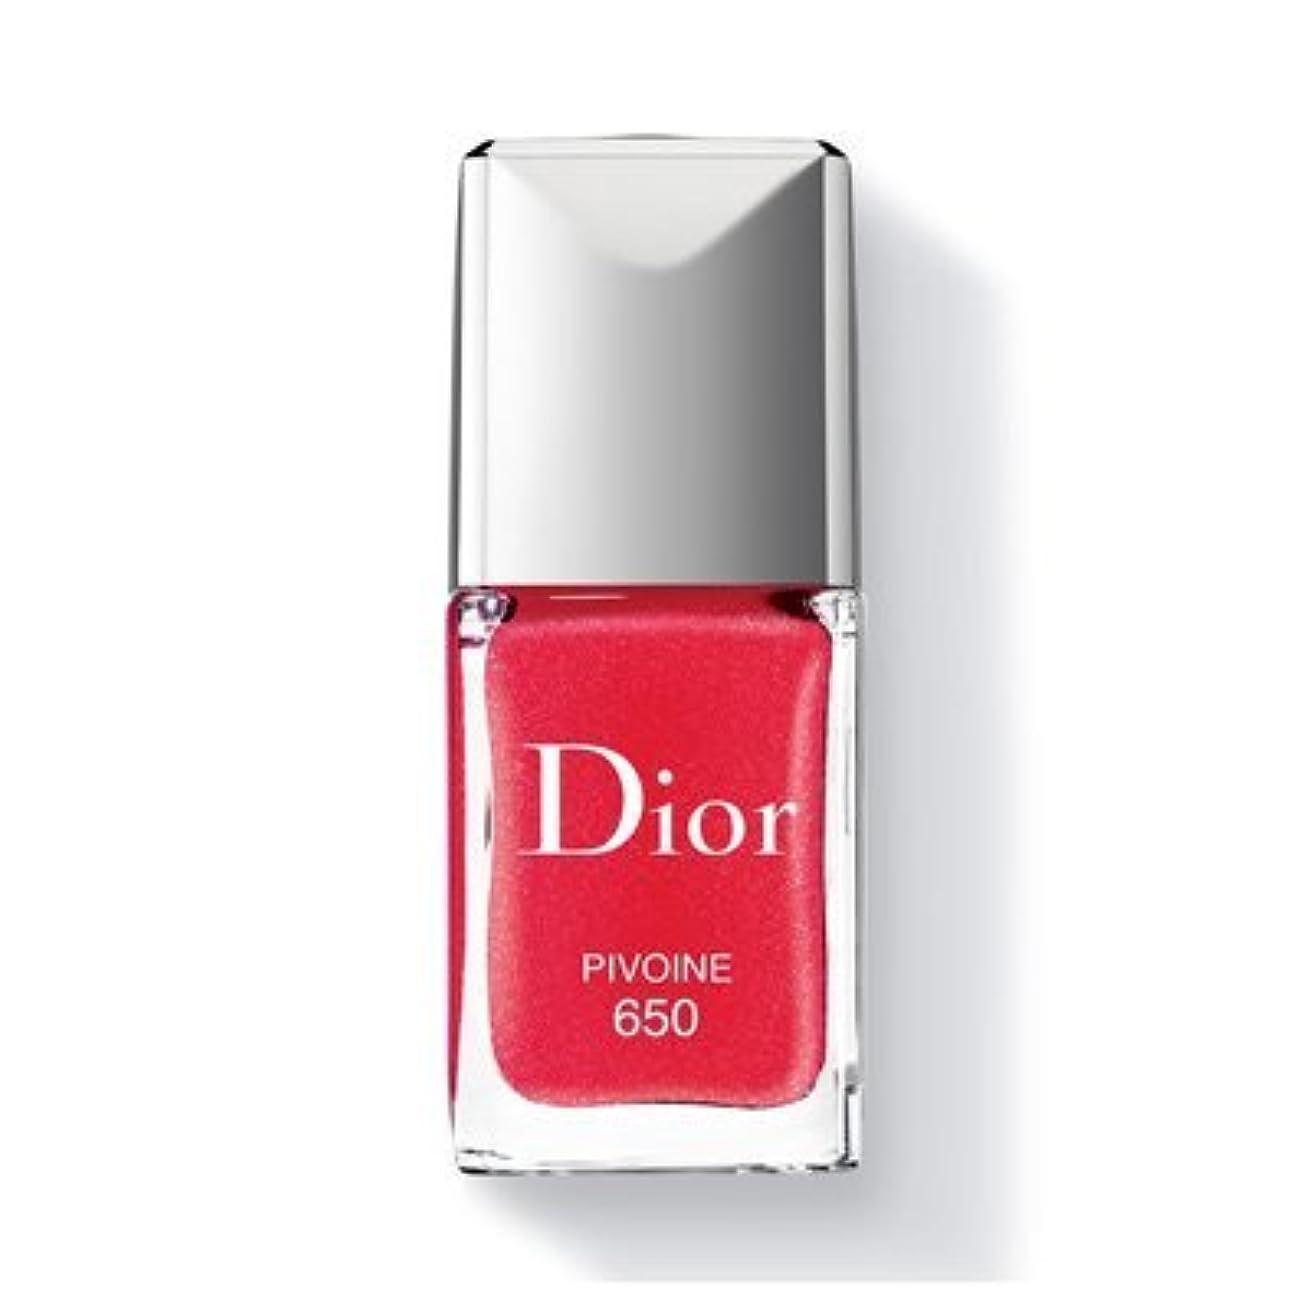 Christian Dior クリスチャン ディオール ディオール ヴェルニ #650 PIVOINE 10ml [並行輸入品]